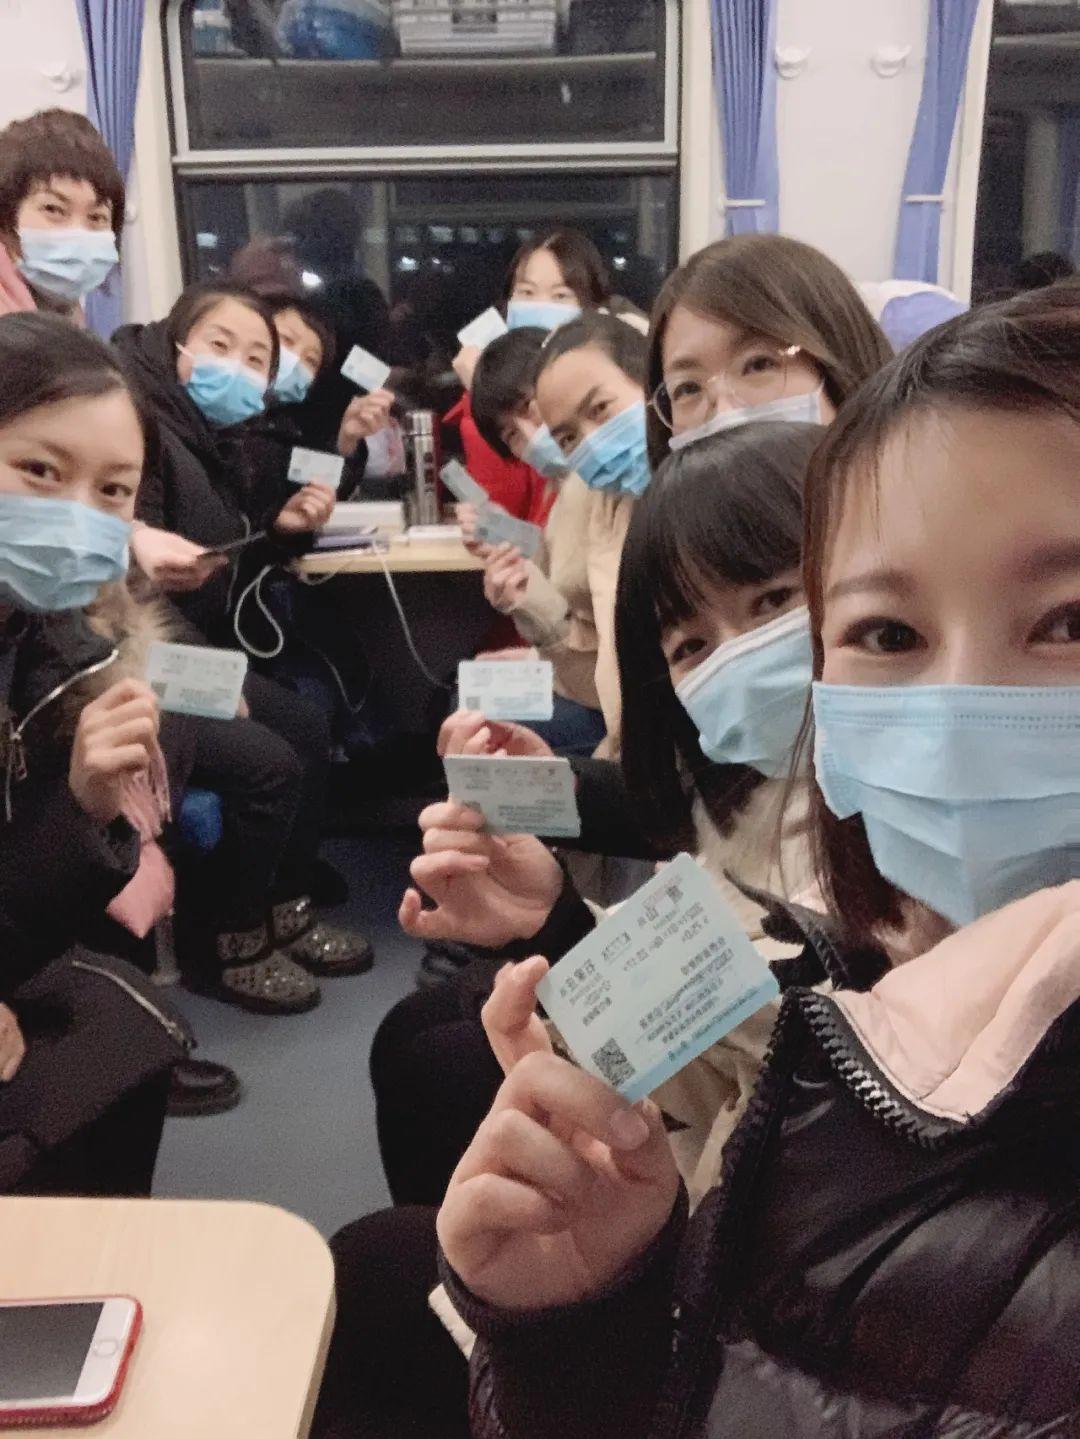 玉田县中医医院张璐:初心不改,使命在肩,保证圆满出色完成支援任务